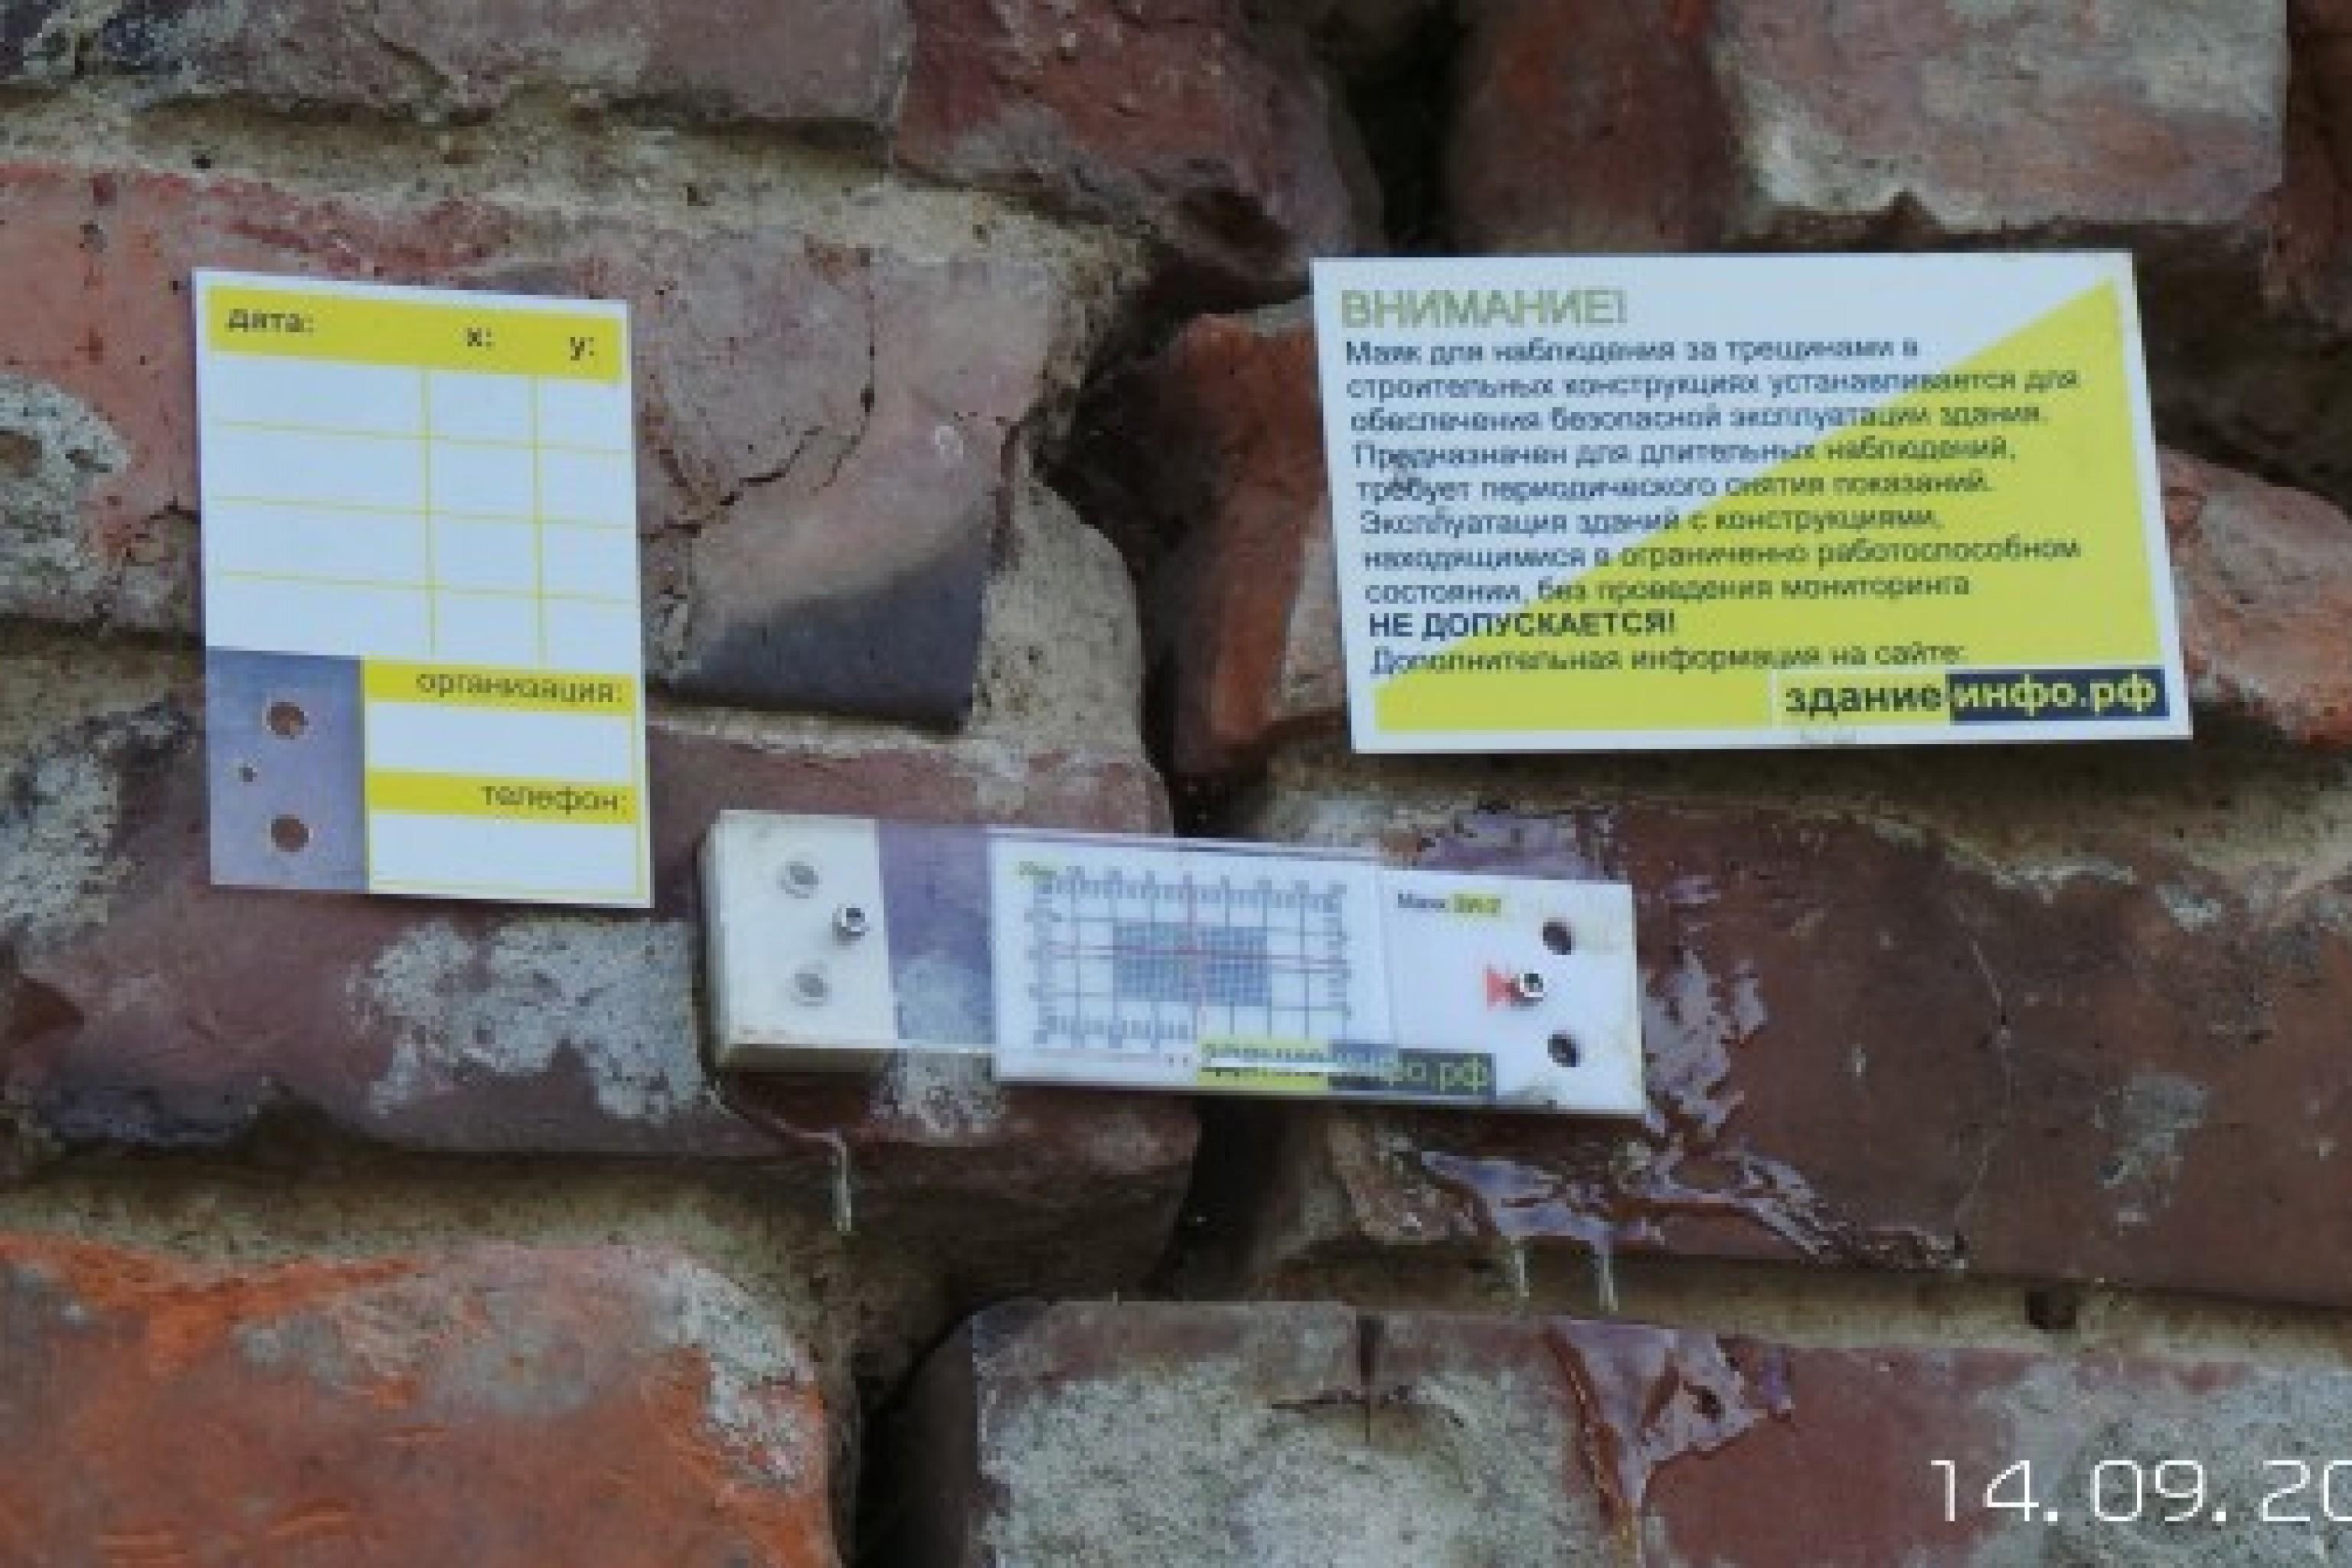 Маяк ЗИ-2 на трещине в кирпичной стене